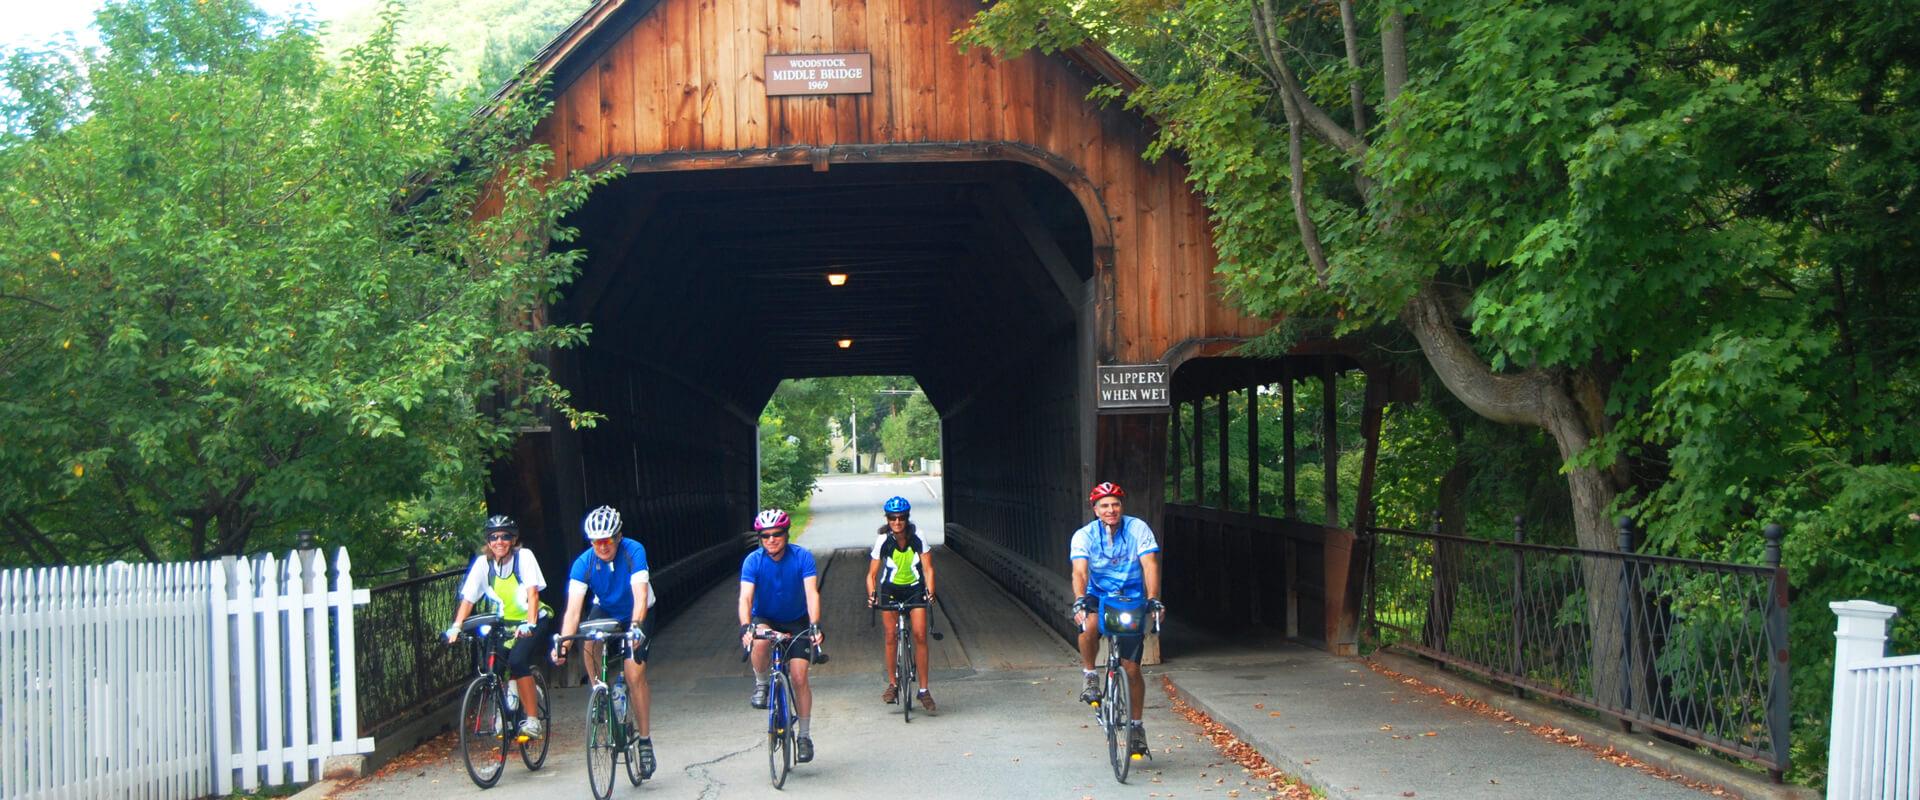 aef1c87a8 Best of Vermont Bike Tour